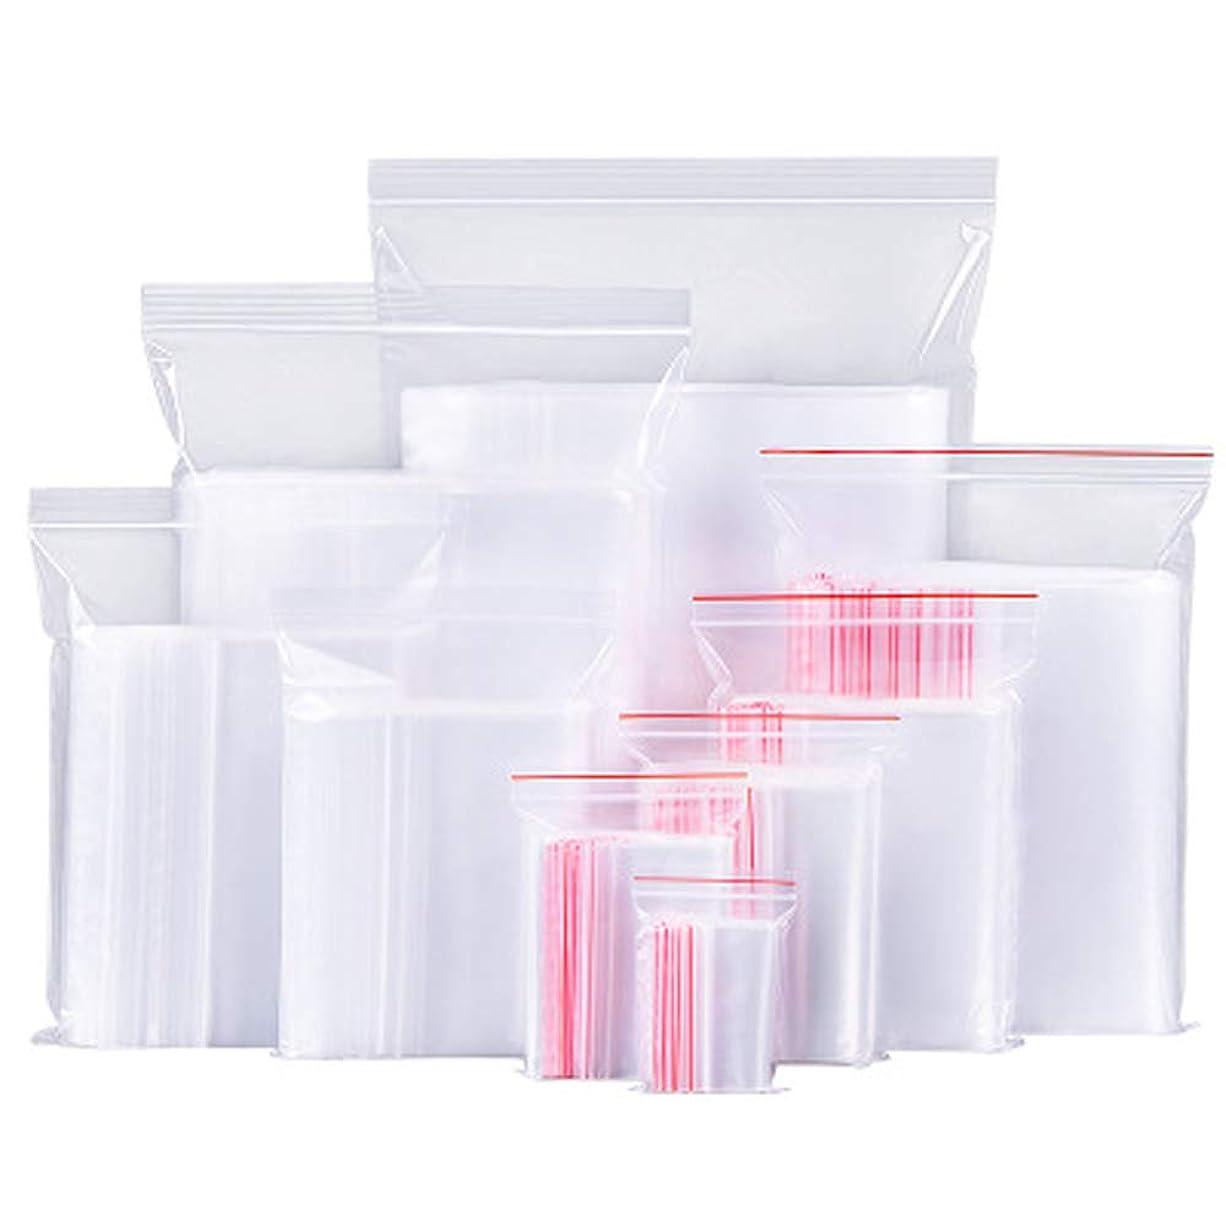 ダイエット助言するお嬢100ピースホワイト透明反復可能ジッパージッパープラスチックジップロックバッグジッパーロック再ロック可能なビニール袋 (クリア)